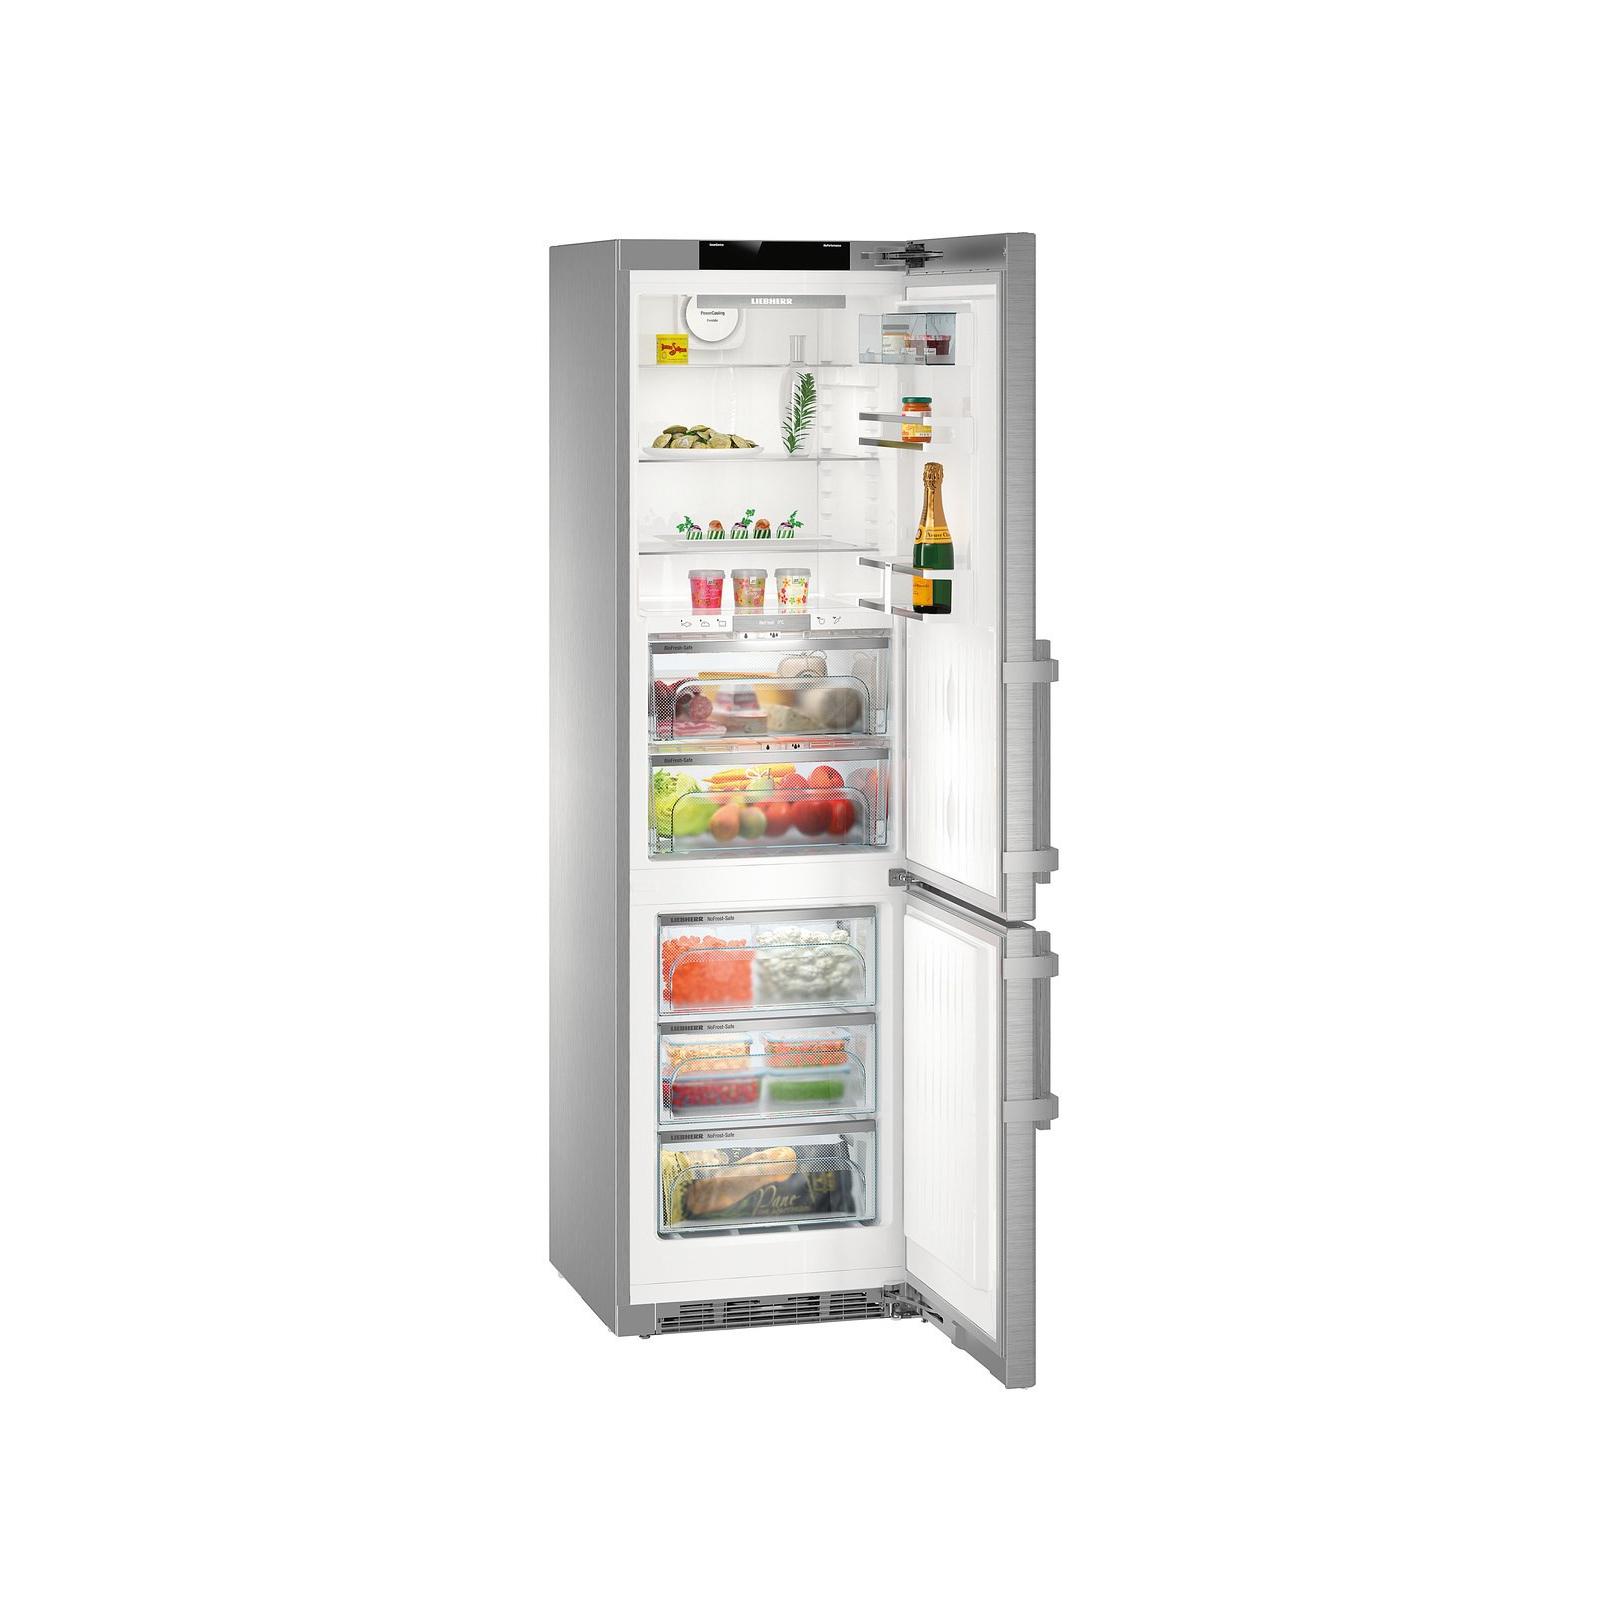 Холодильник Liebherr CBNPes 4858 изображение 4